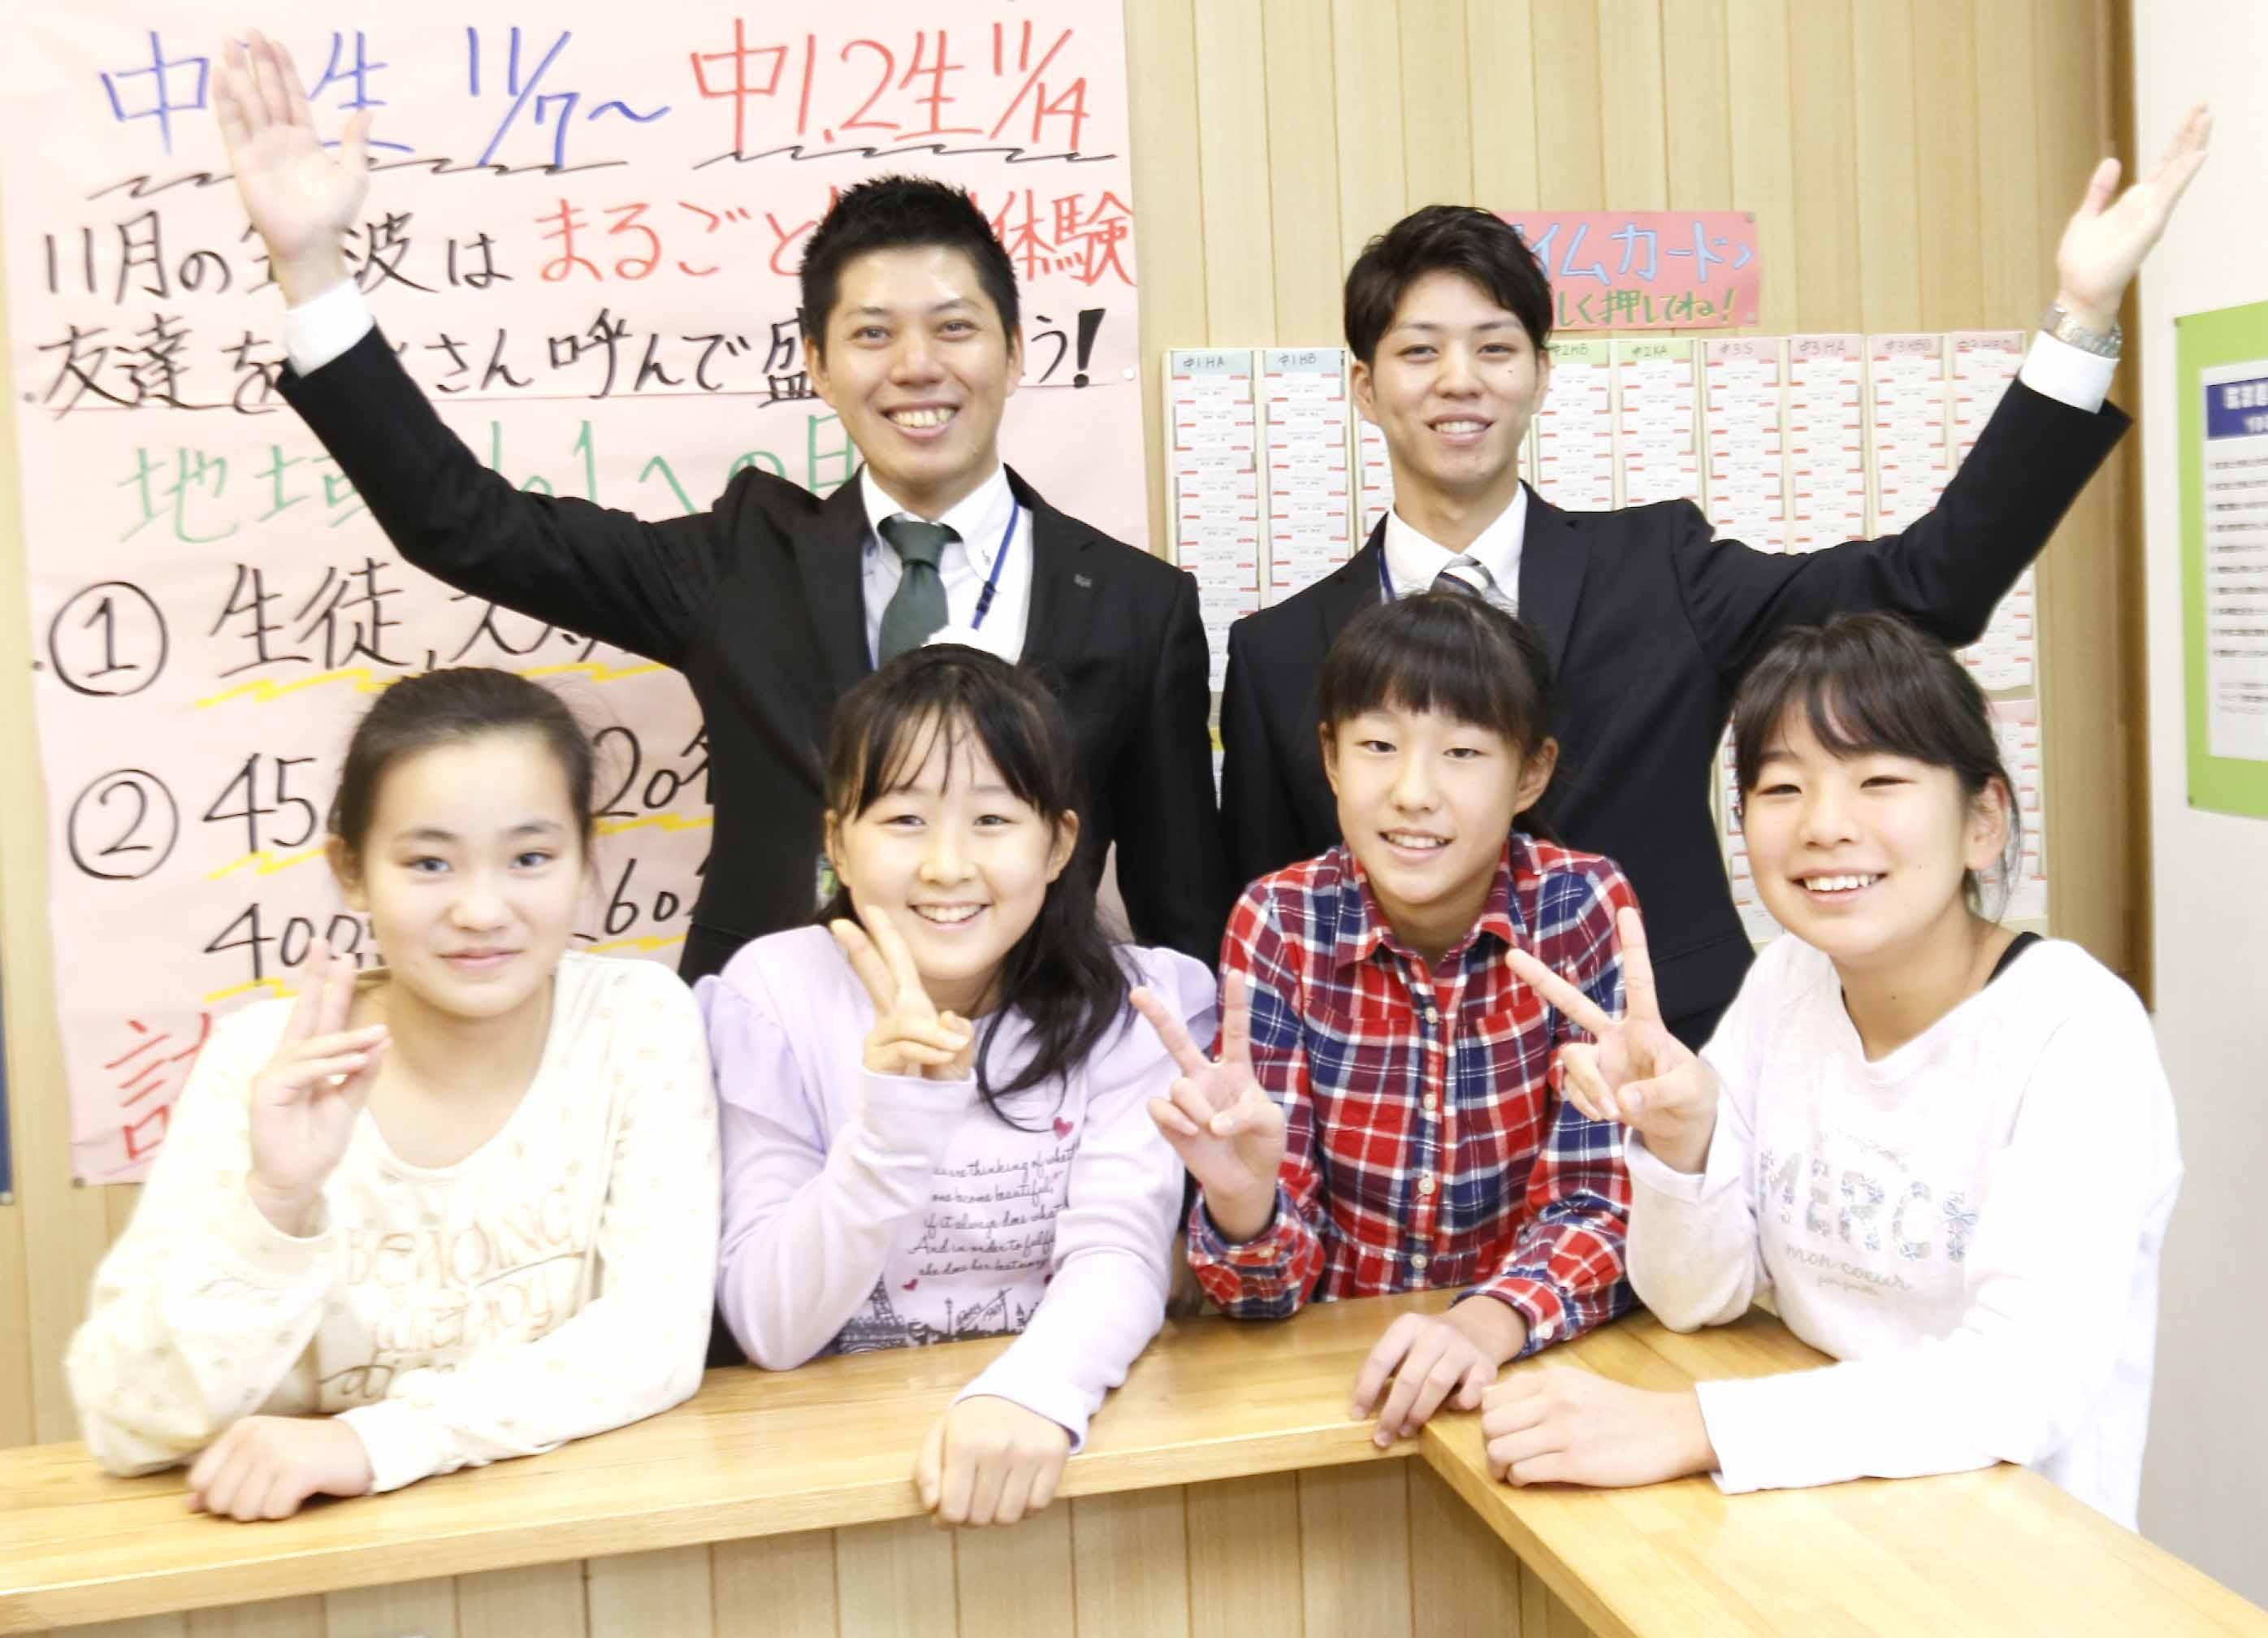 筑波進研スクール 西堀教室のアルバイト情報